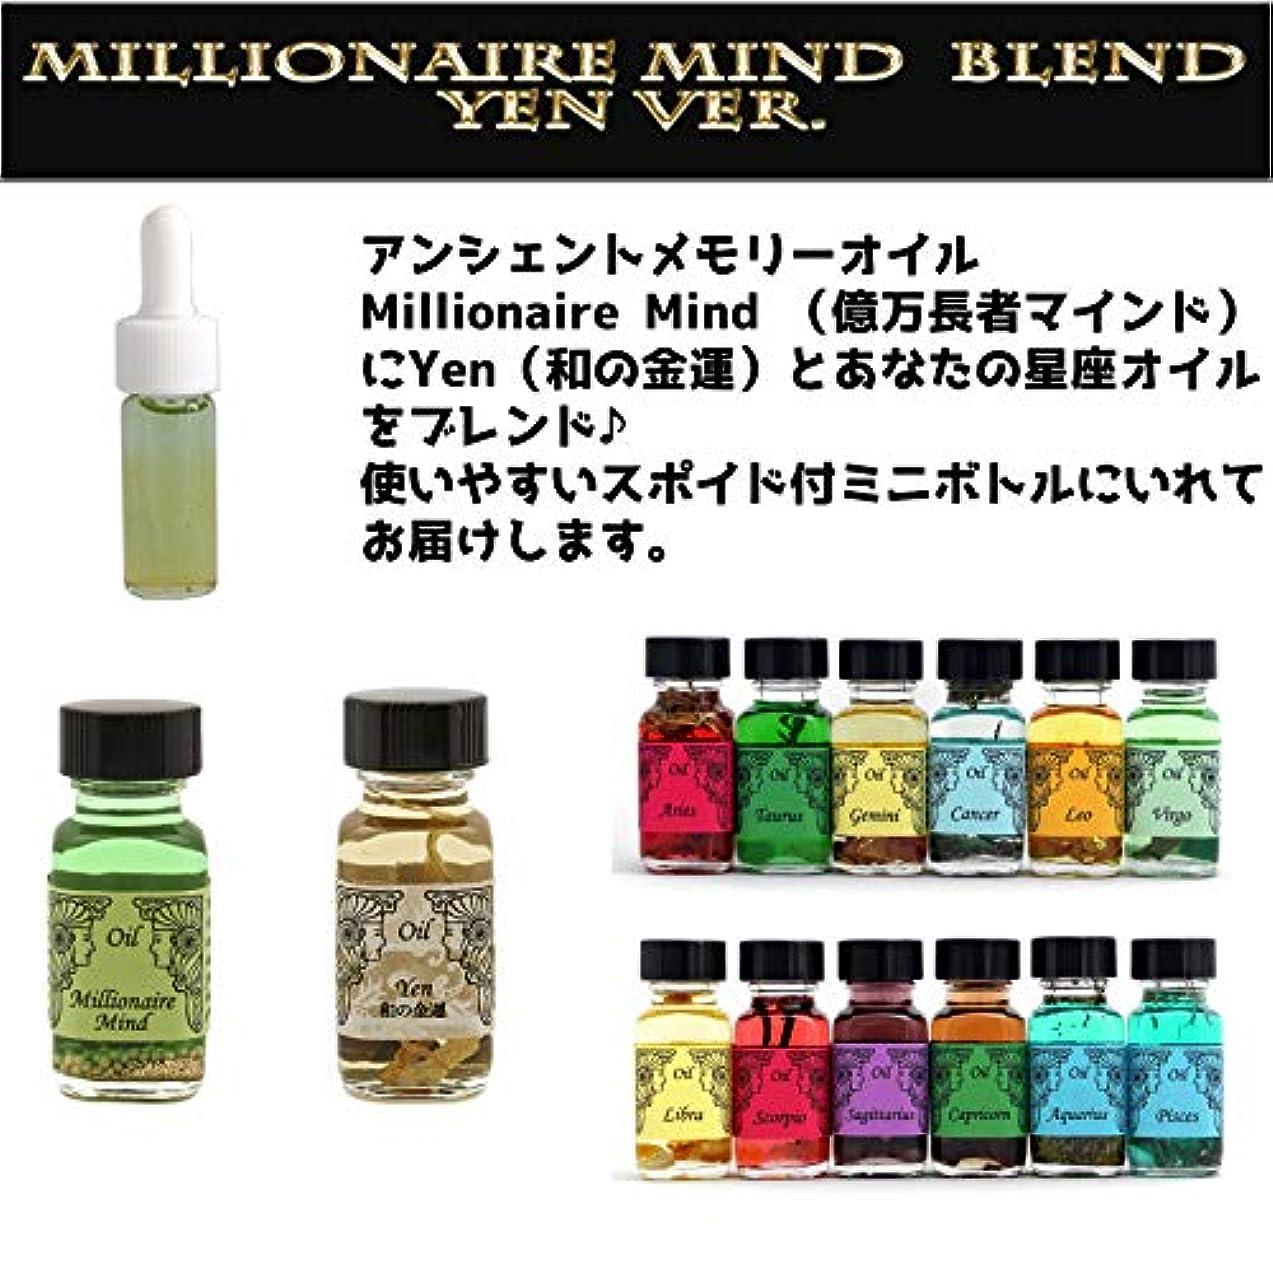 ラベンダー出演者殉教者アンシェントメモリーオイル Millionaire Mind 億万長者マインド ブレンド【Yen 和の金運&みずがめ座】